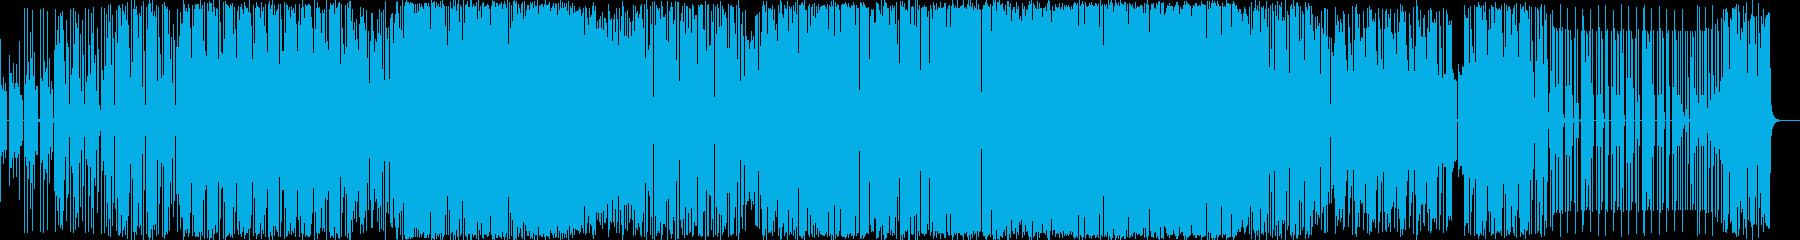 エレクトロ 技術的な エスニック ...の再生済みの波形